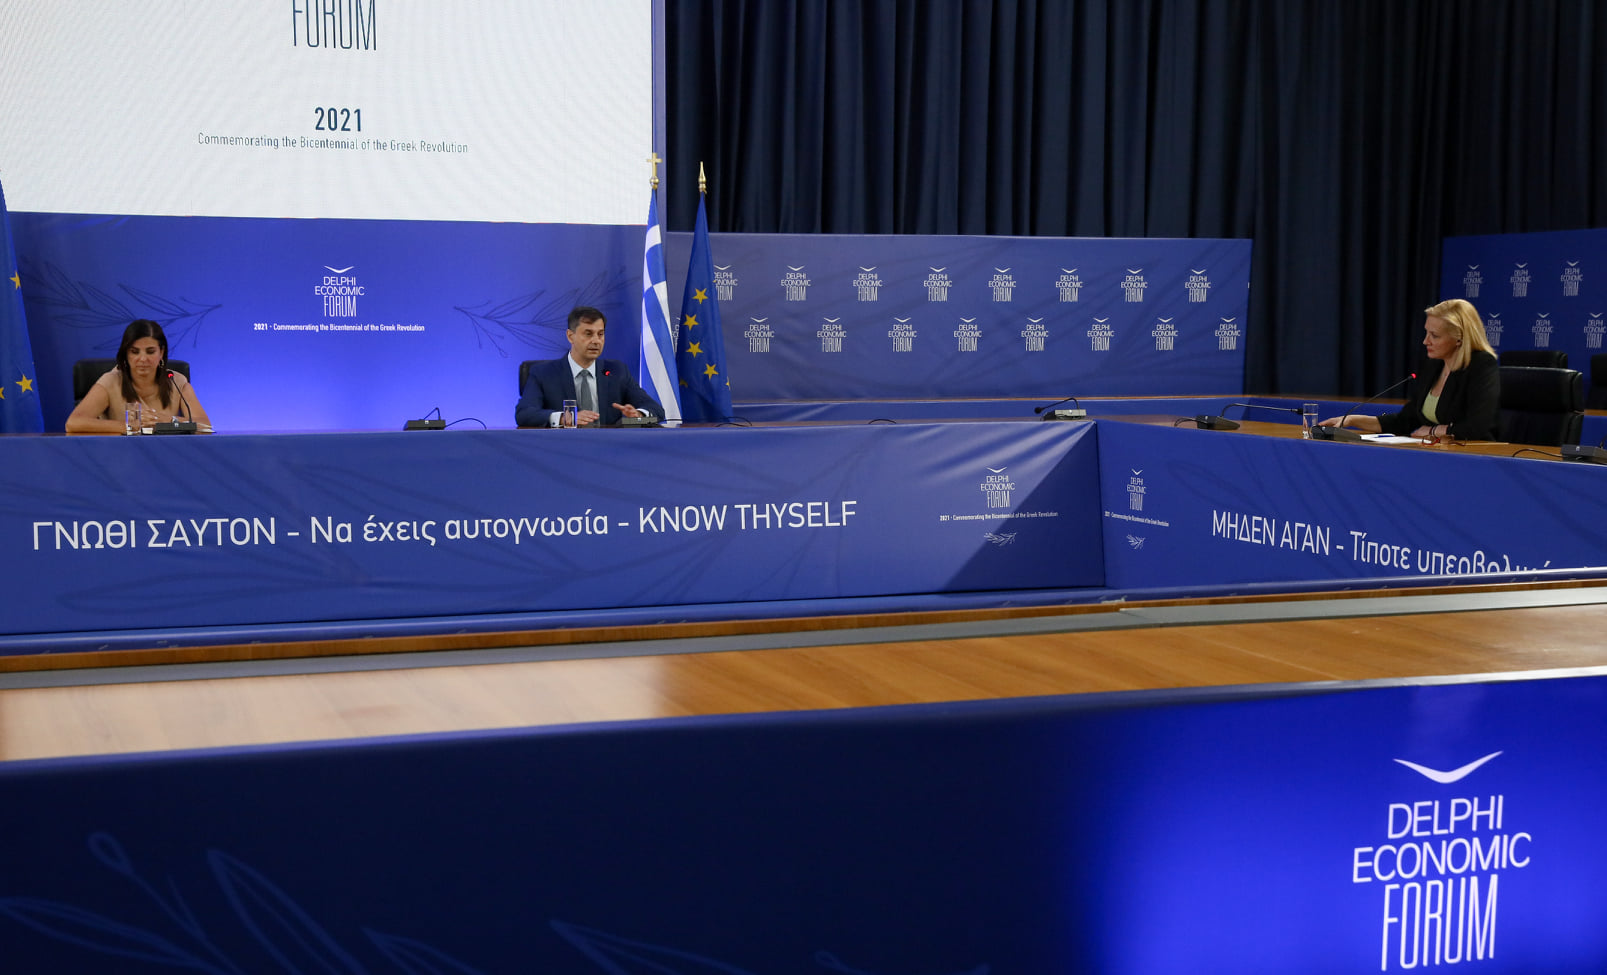 Ο Υπουργός Τουρισμού κ. Χάρης Θεοχάρης στο Delphi Economic Forum